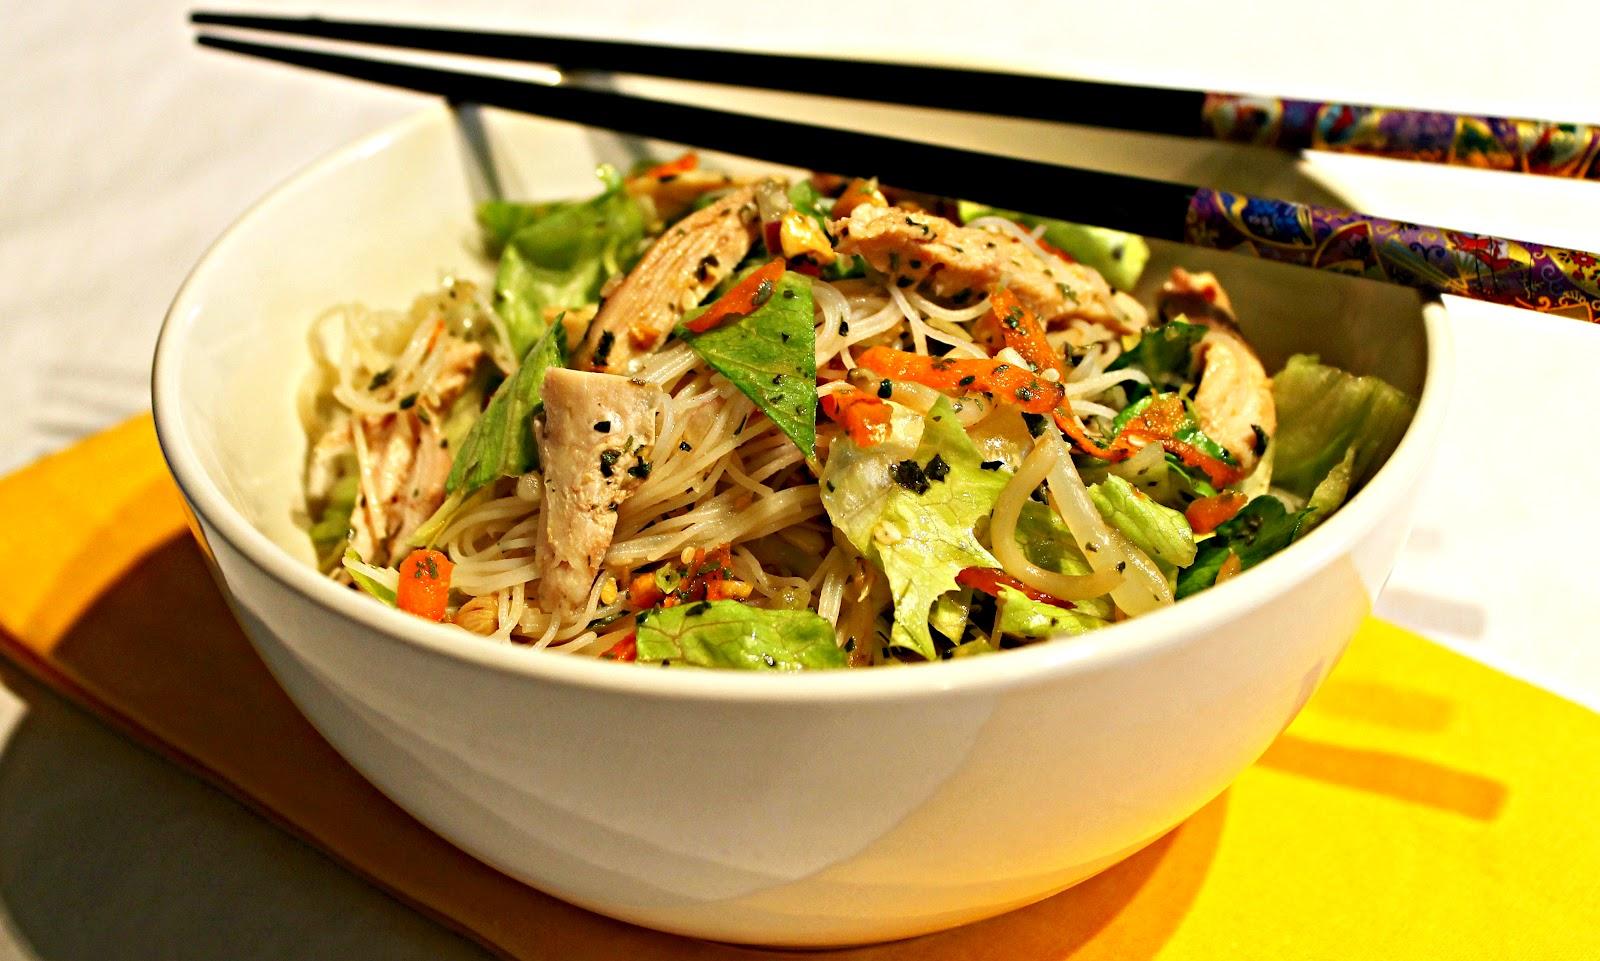 سلطة اللحم على الطريقة الآسيوية